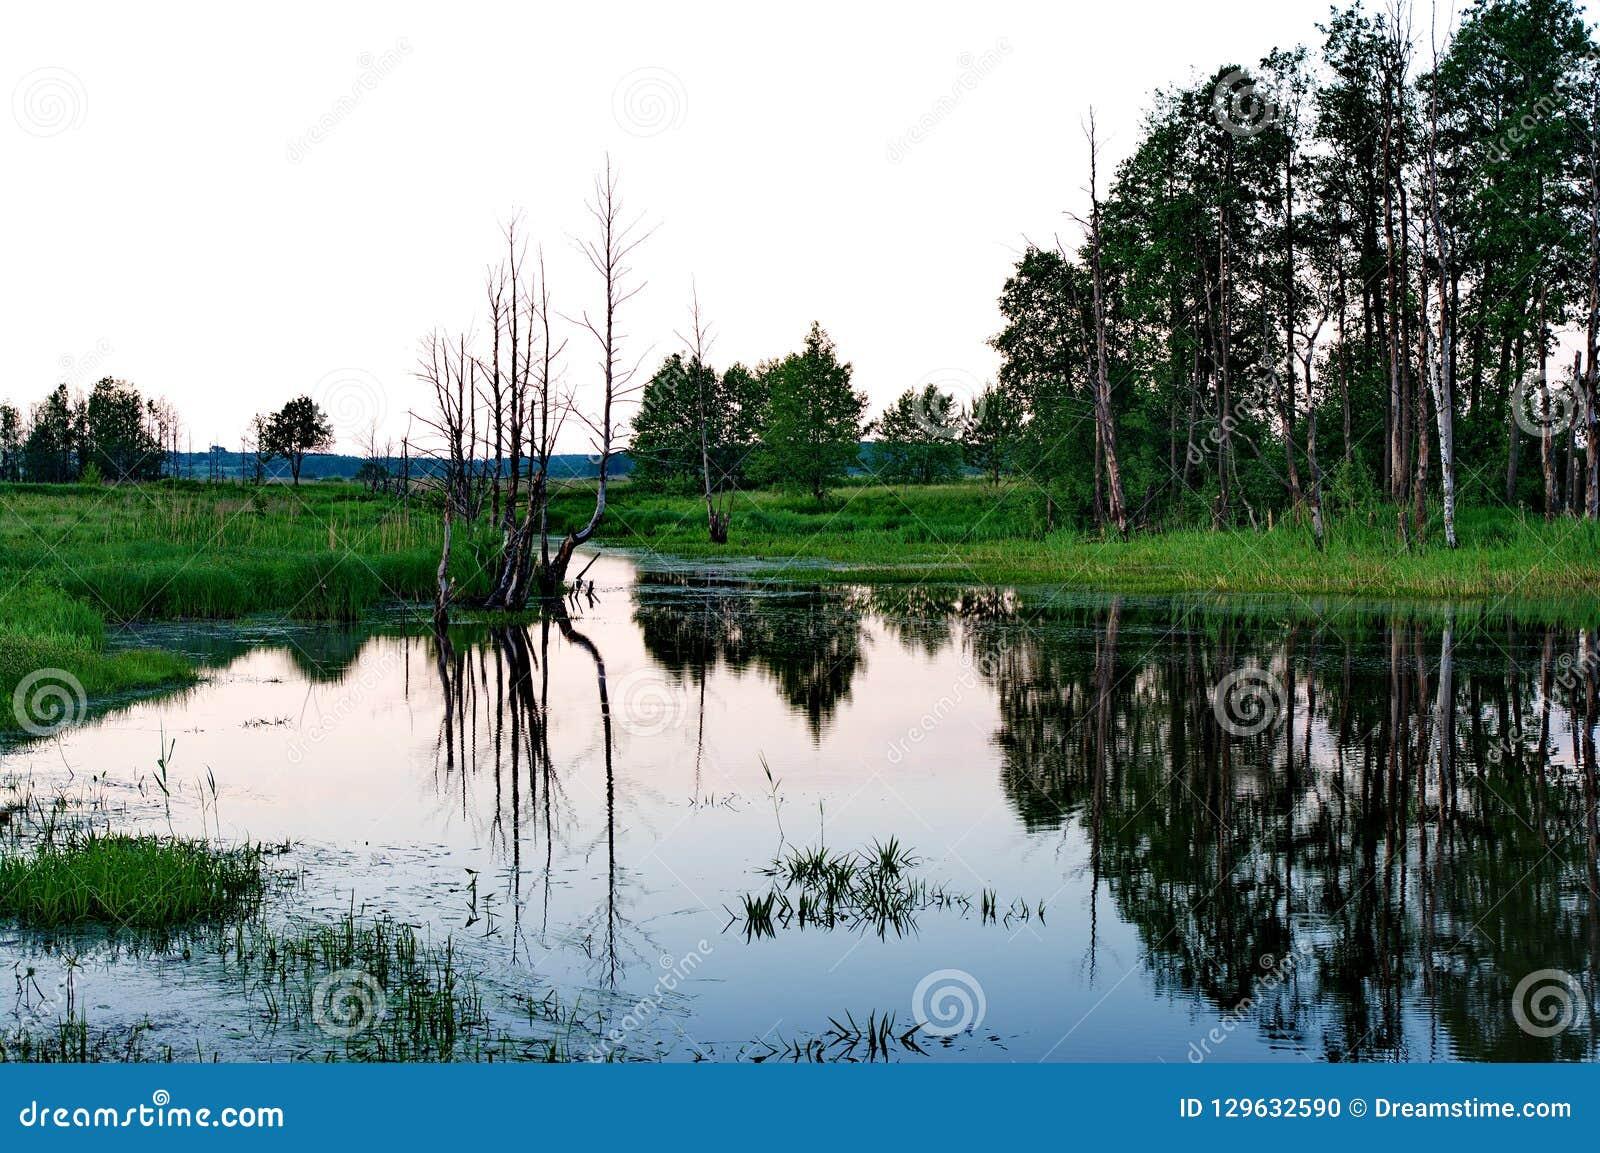 Na zona sujeita a inundações do rio de Klyazma